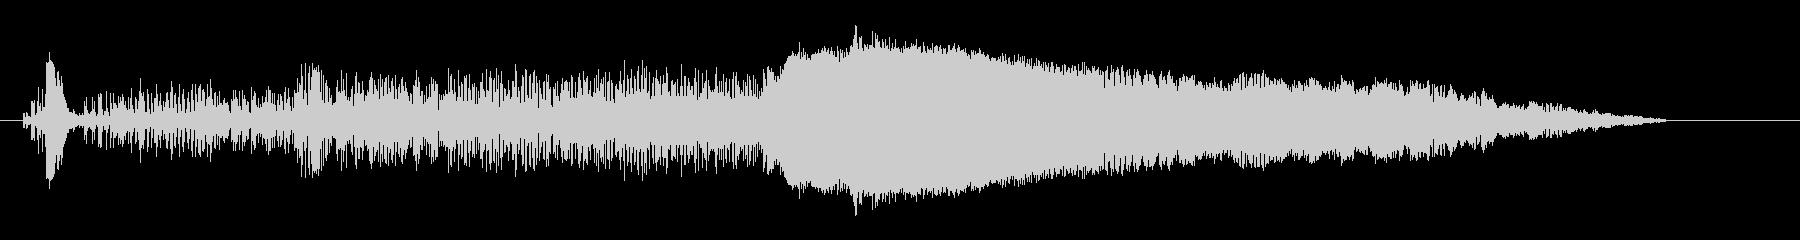 ドラッグボート;スタート/回転/ア...の未再生の波形